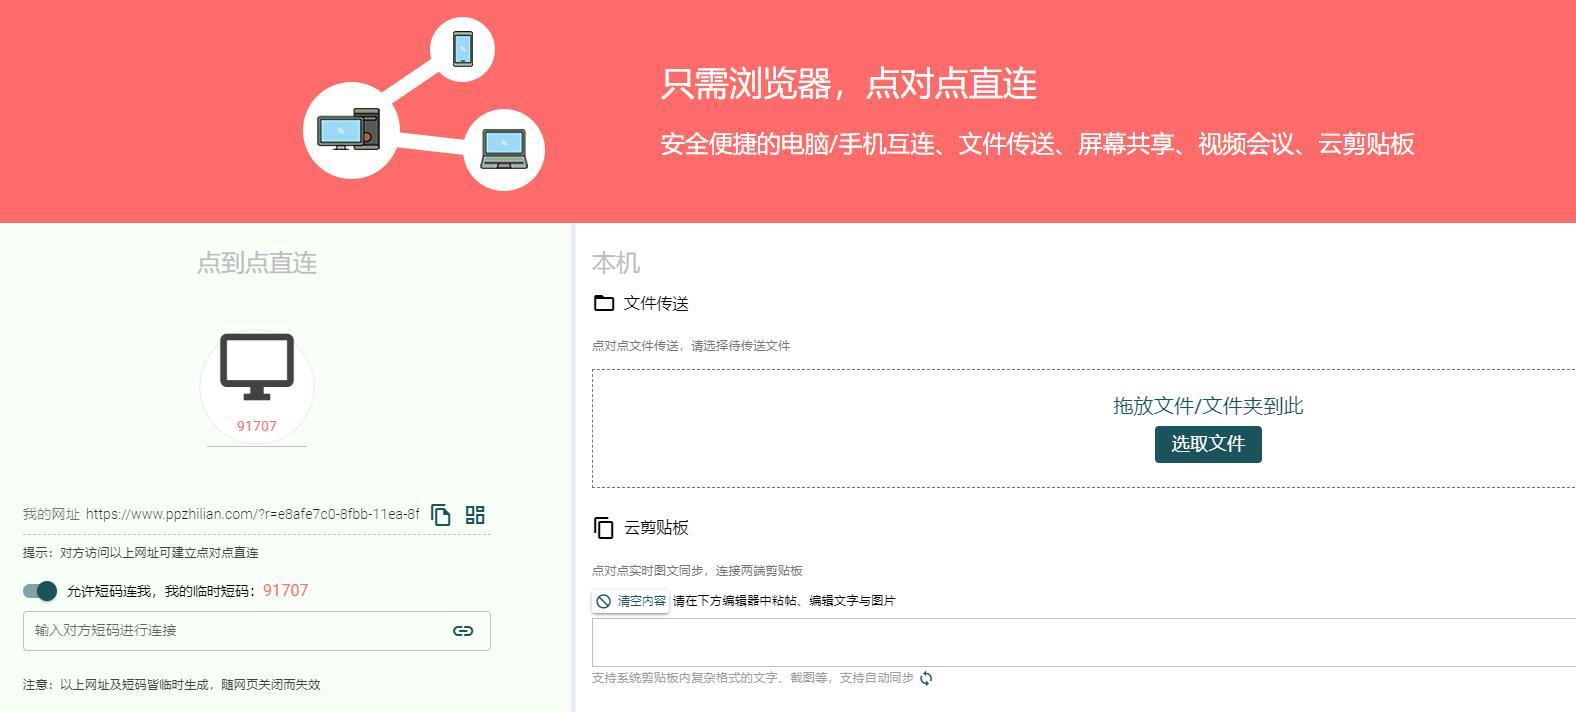 【潮流日报第五期】上班必备神器:摸鱼软件Thief插图(4)